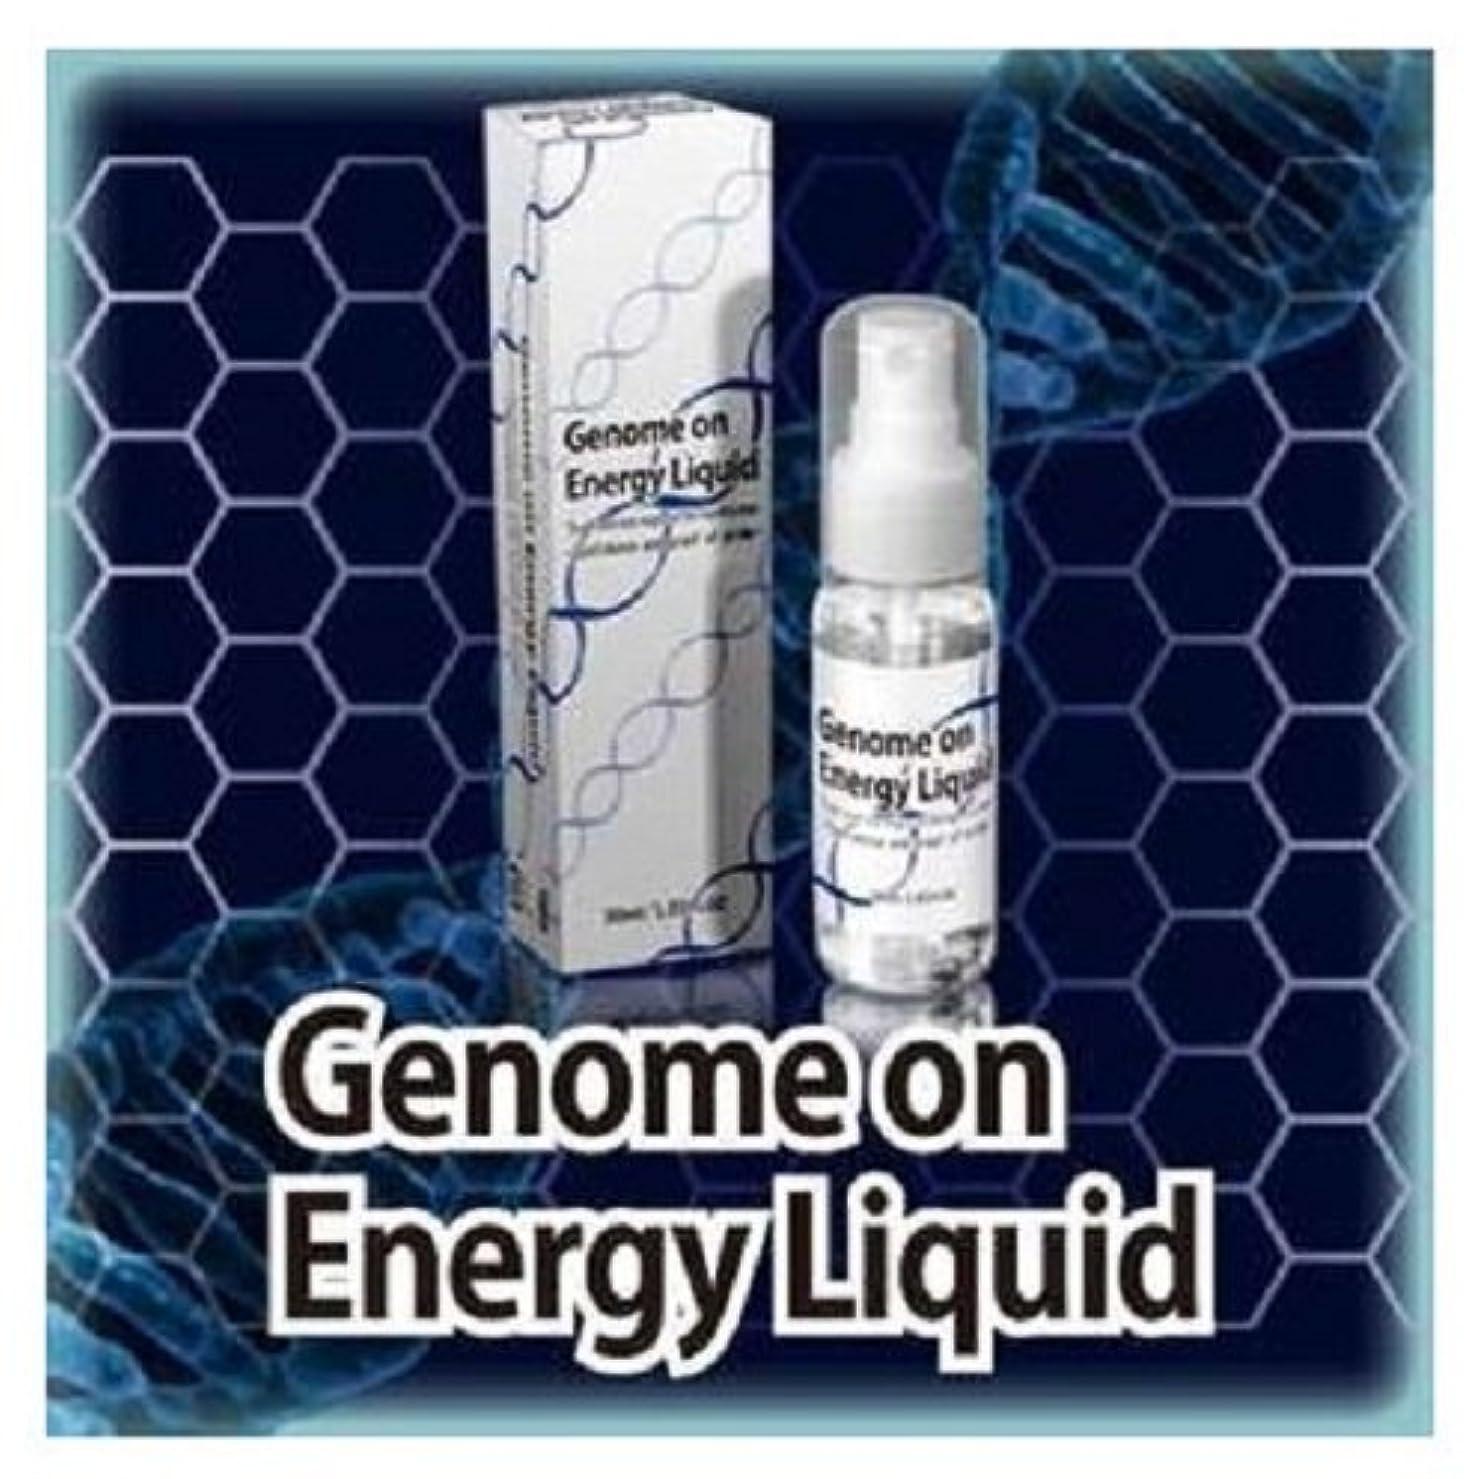 着実にビリー補正ゲノムオンエナジーリキッド Genome on Energy Liquid